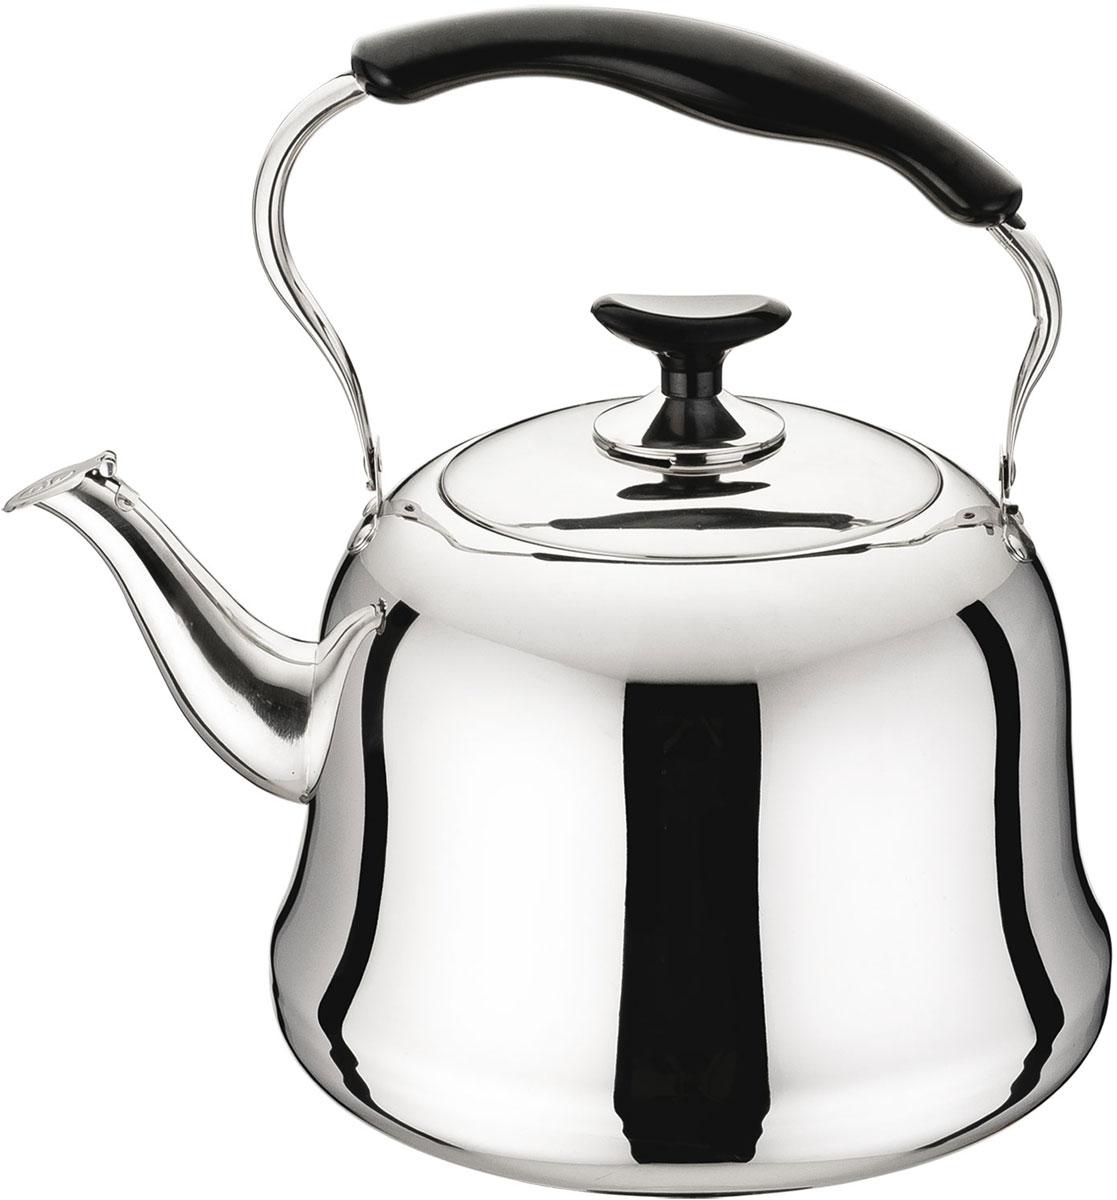 Чайник Rainstahl, цвет: стальной, 5 л. 3505-50RS/KL чайник gipfel для кипячения воды cypress 4 5 л нерж сталь